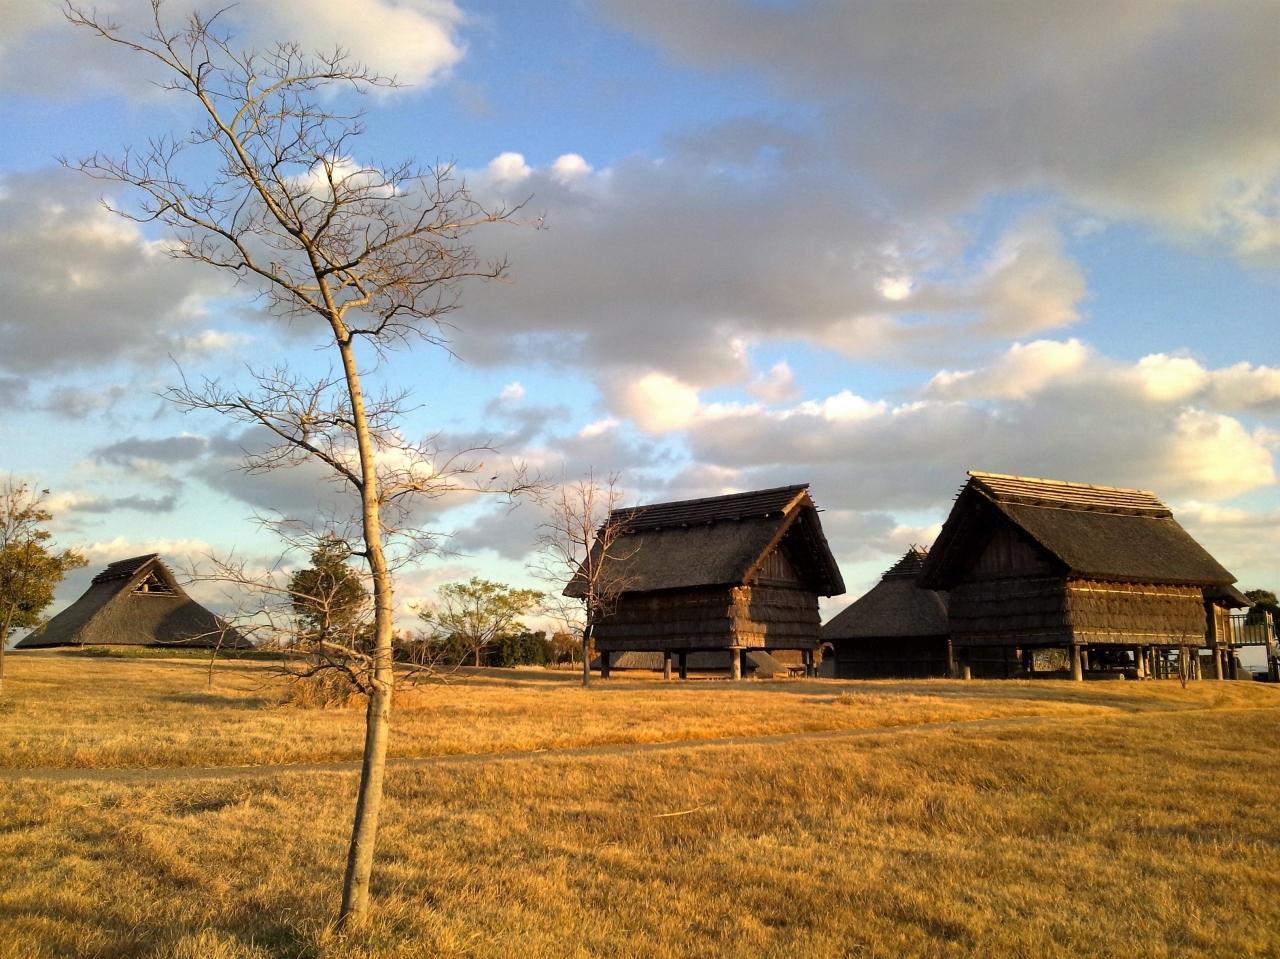 『古代ロマンをもとめて』吉野ヶ里(佐賀県)の旅行記・ブログ by ishigantouさん【フォートラベル】